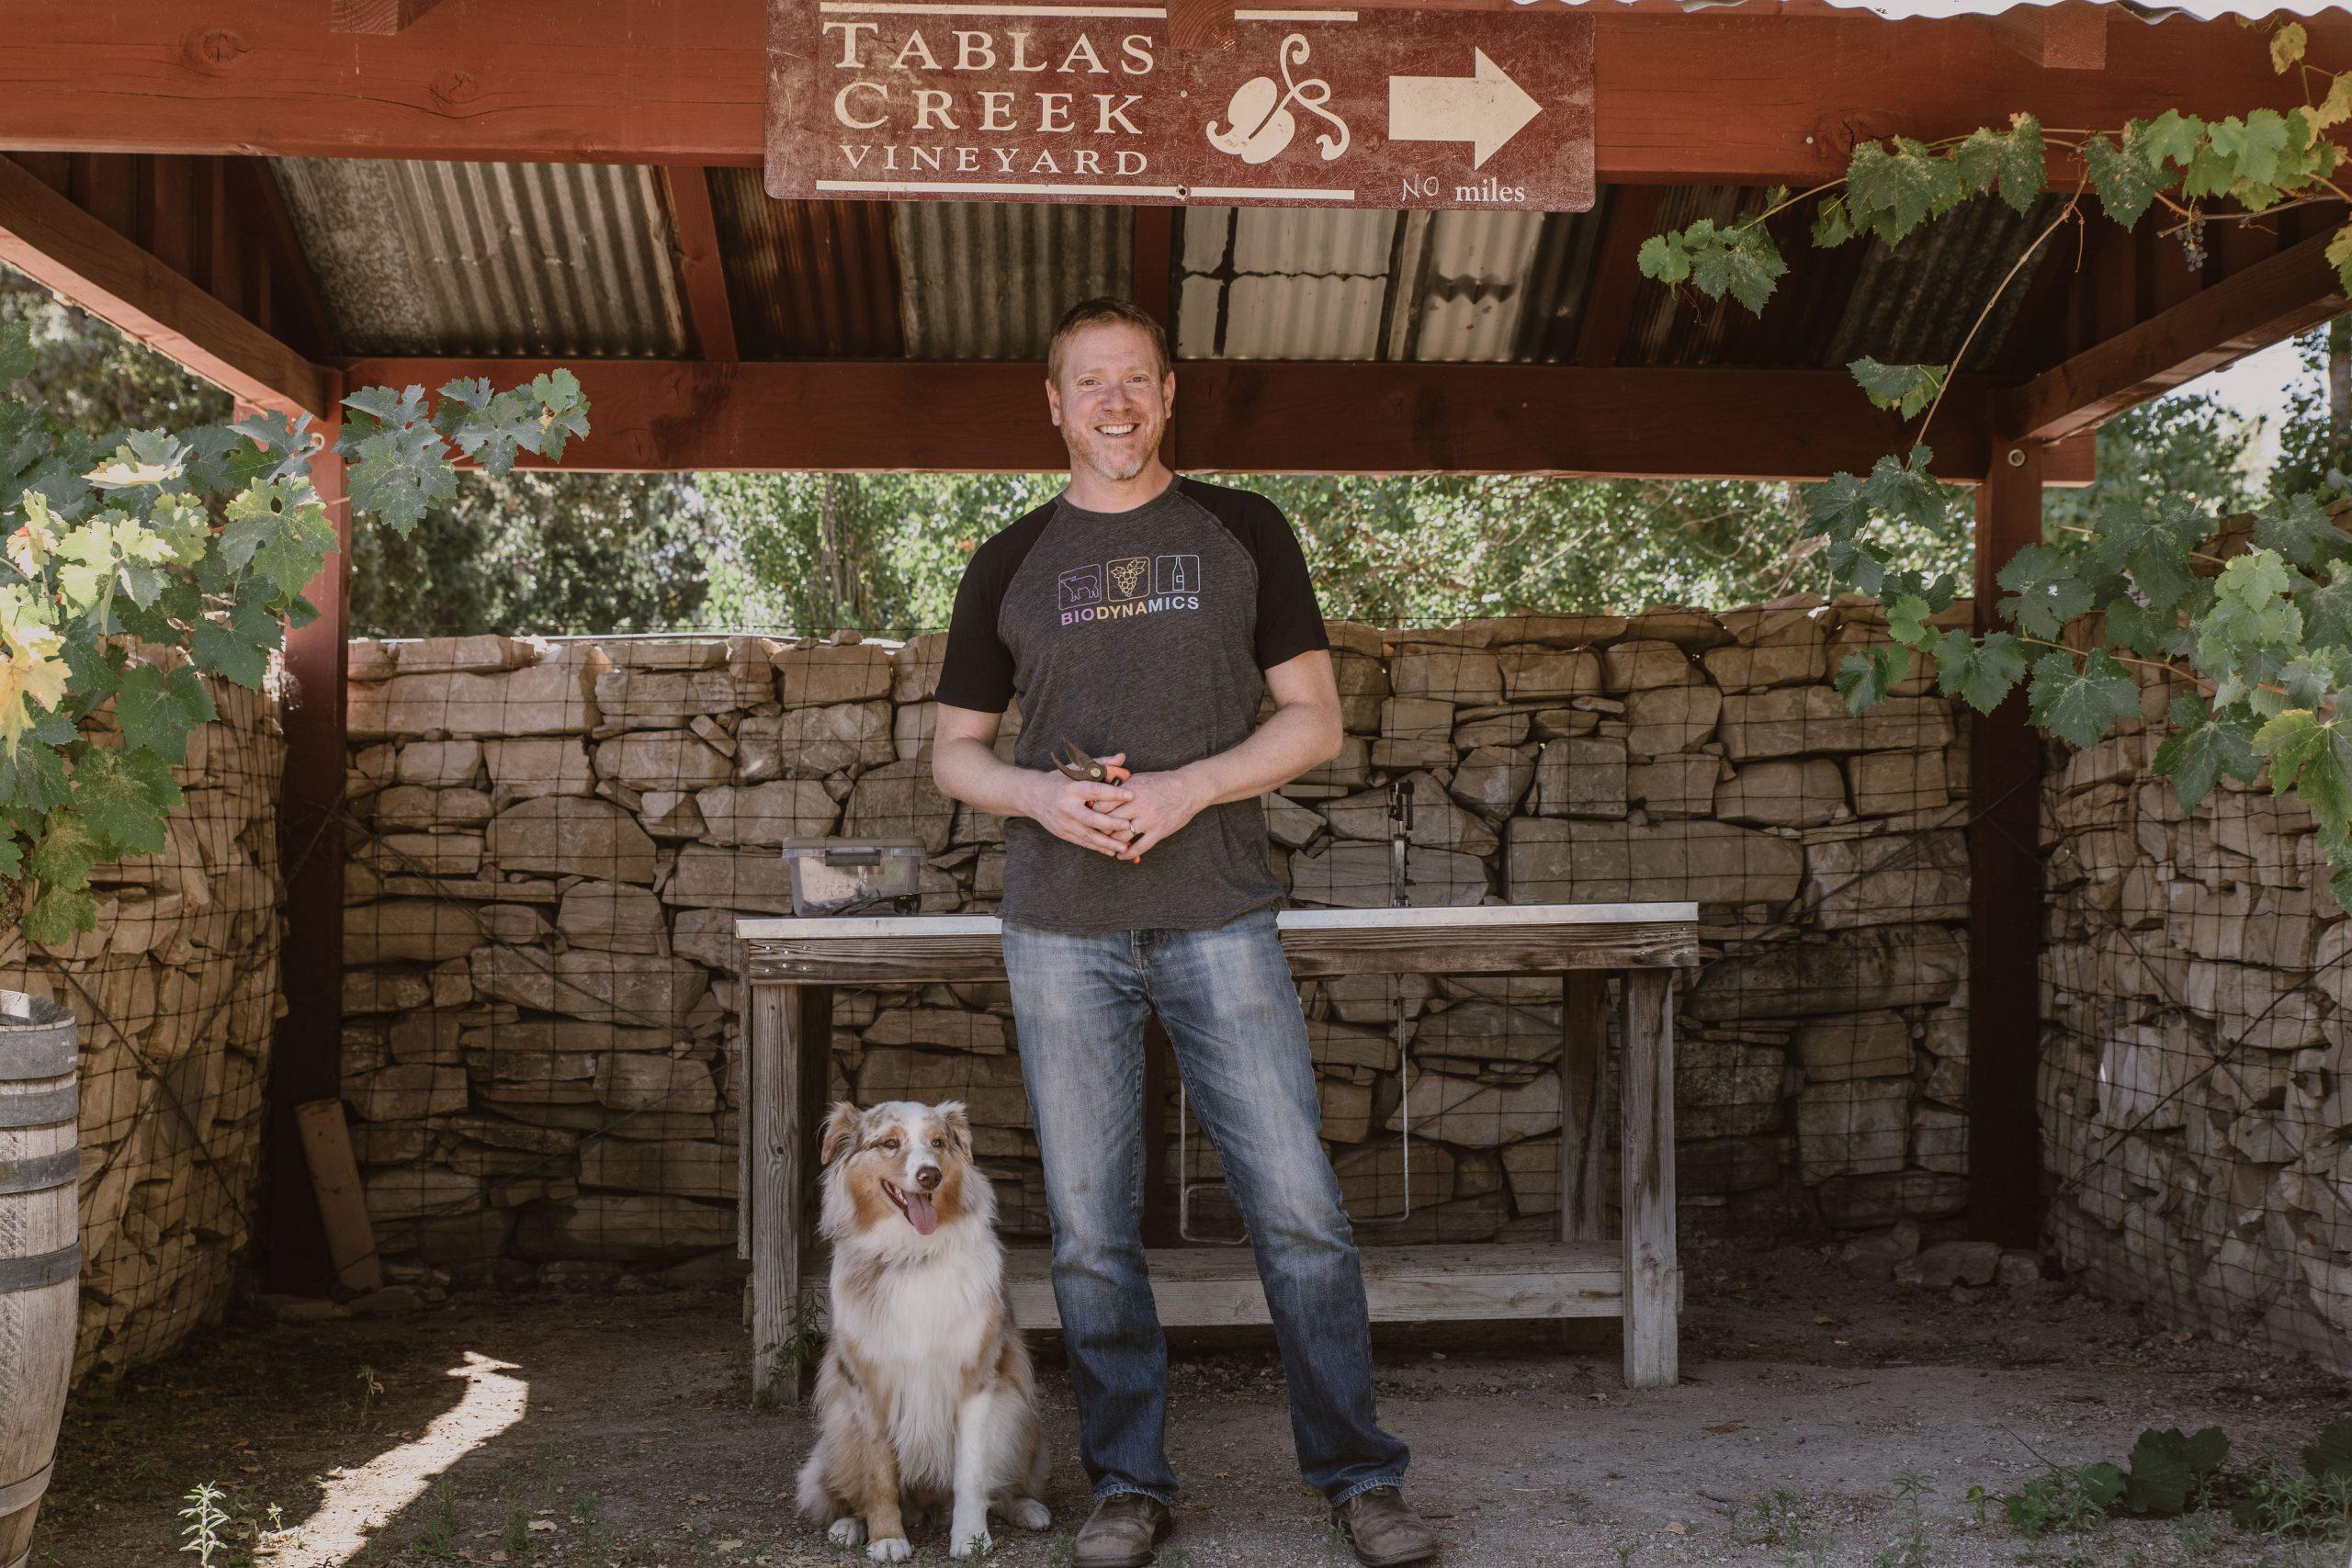 Tablas Creek Proprietor Jason Haas In Nursery With Sadie